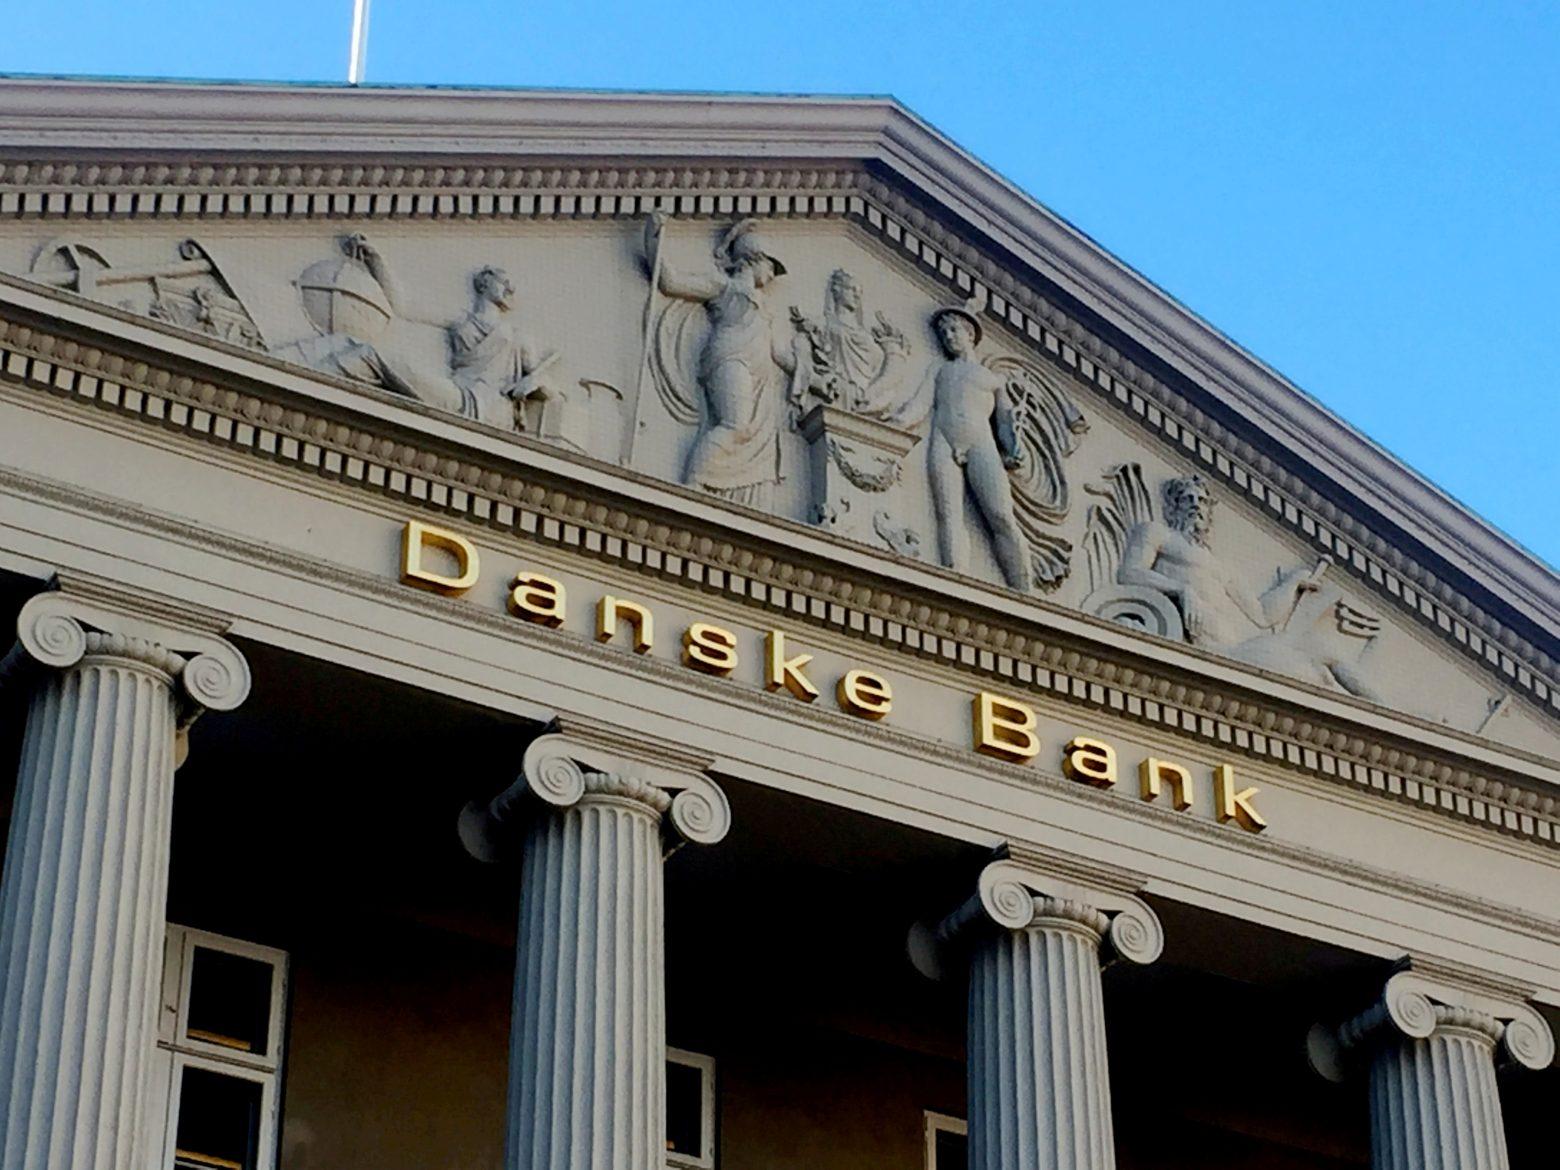 Και η κεντρική τράπεζα της Δανίας θύμα της χειρότερης κυβερνοεπίθεσης όλων των εποχών